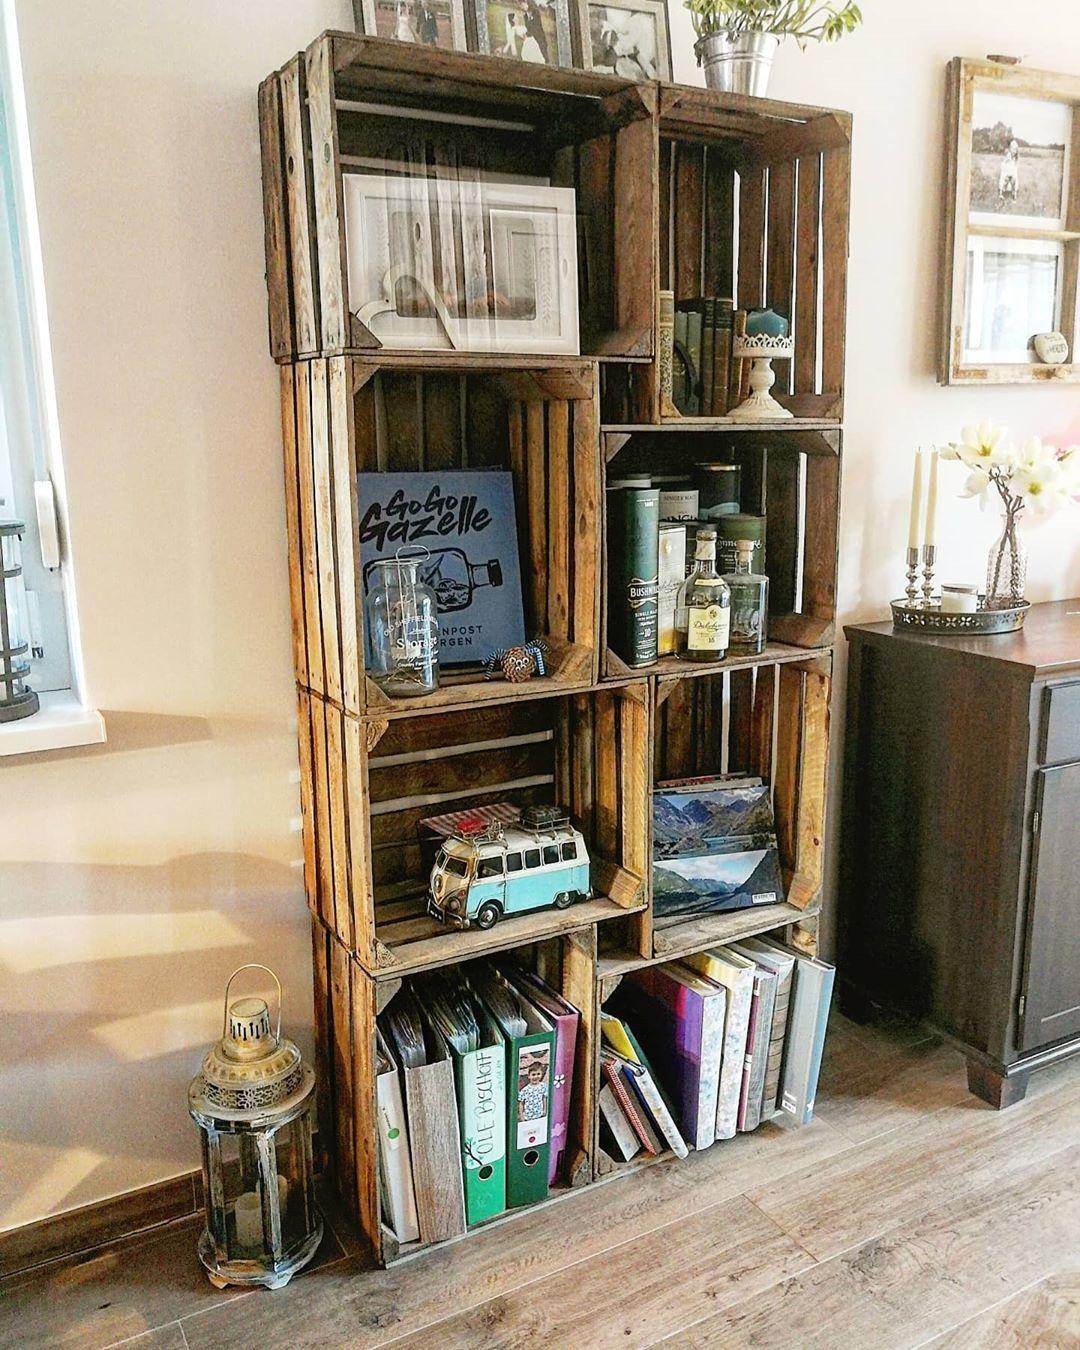 Altes Projekt Neue Ordnung Dieses Regal Aus Weinkisten War Eines Meiner Ersten Projekte Jetzt Musste Ich Mal Umraumen Und De In 2020 Decor Home Decor Corner Bookcase